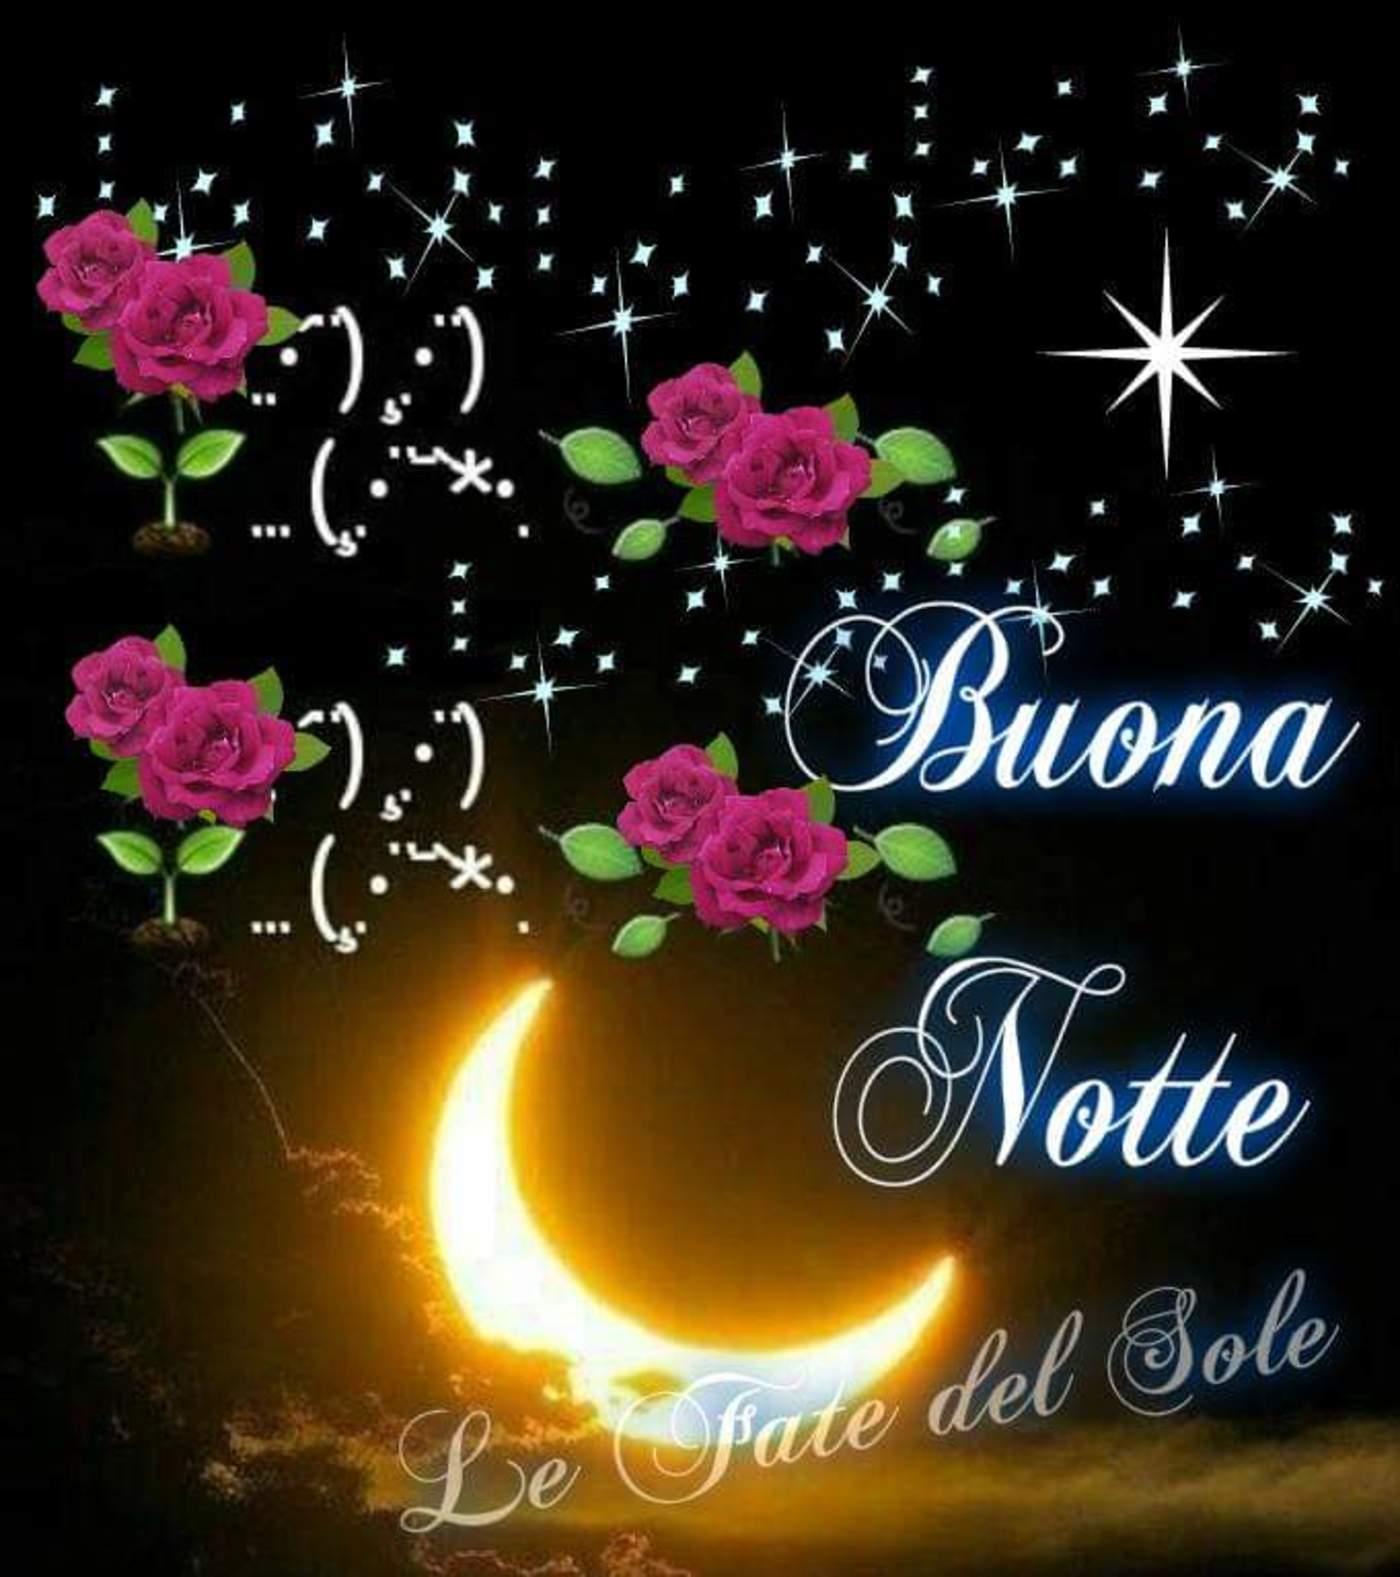 Buonanotte X Amici Speciali Buongiorno Immagini It